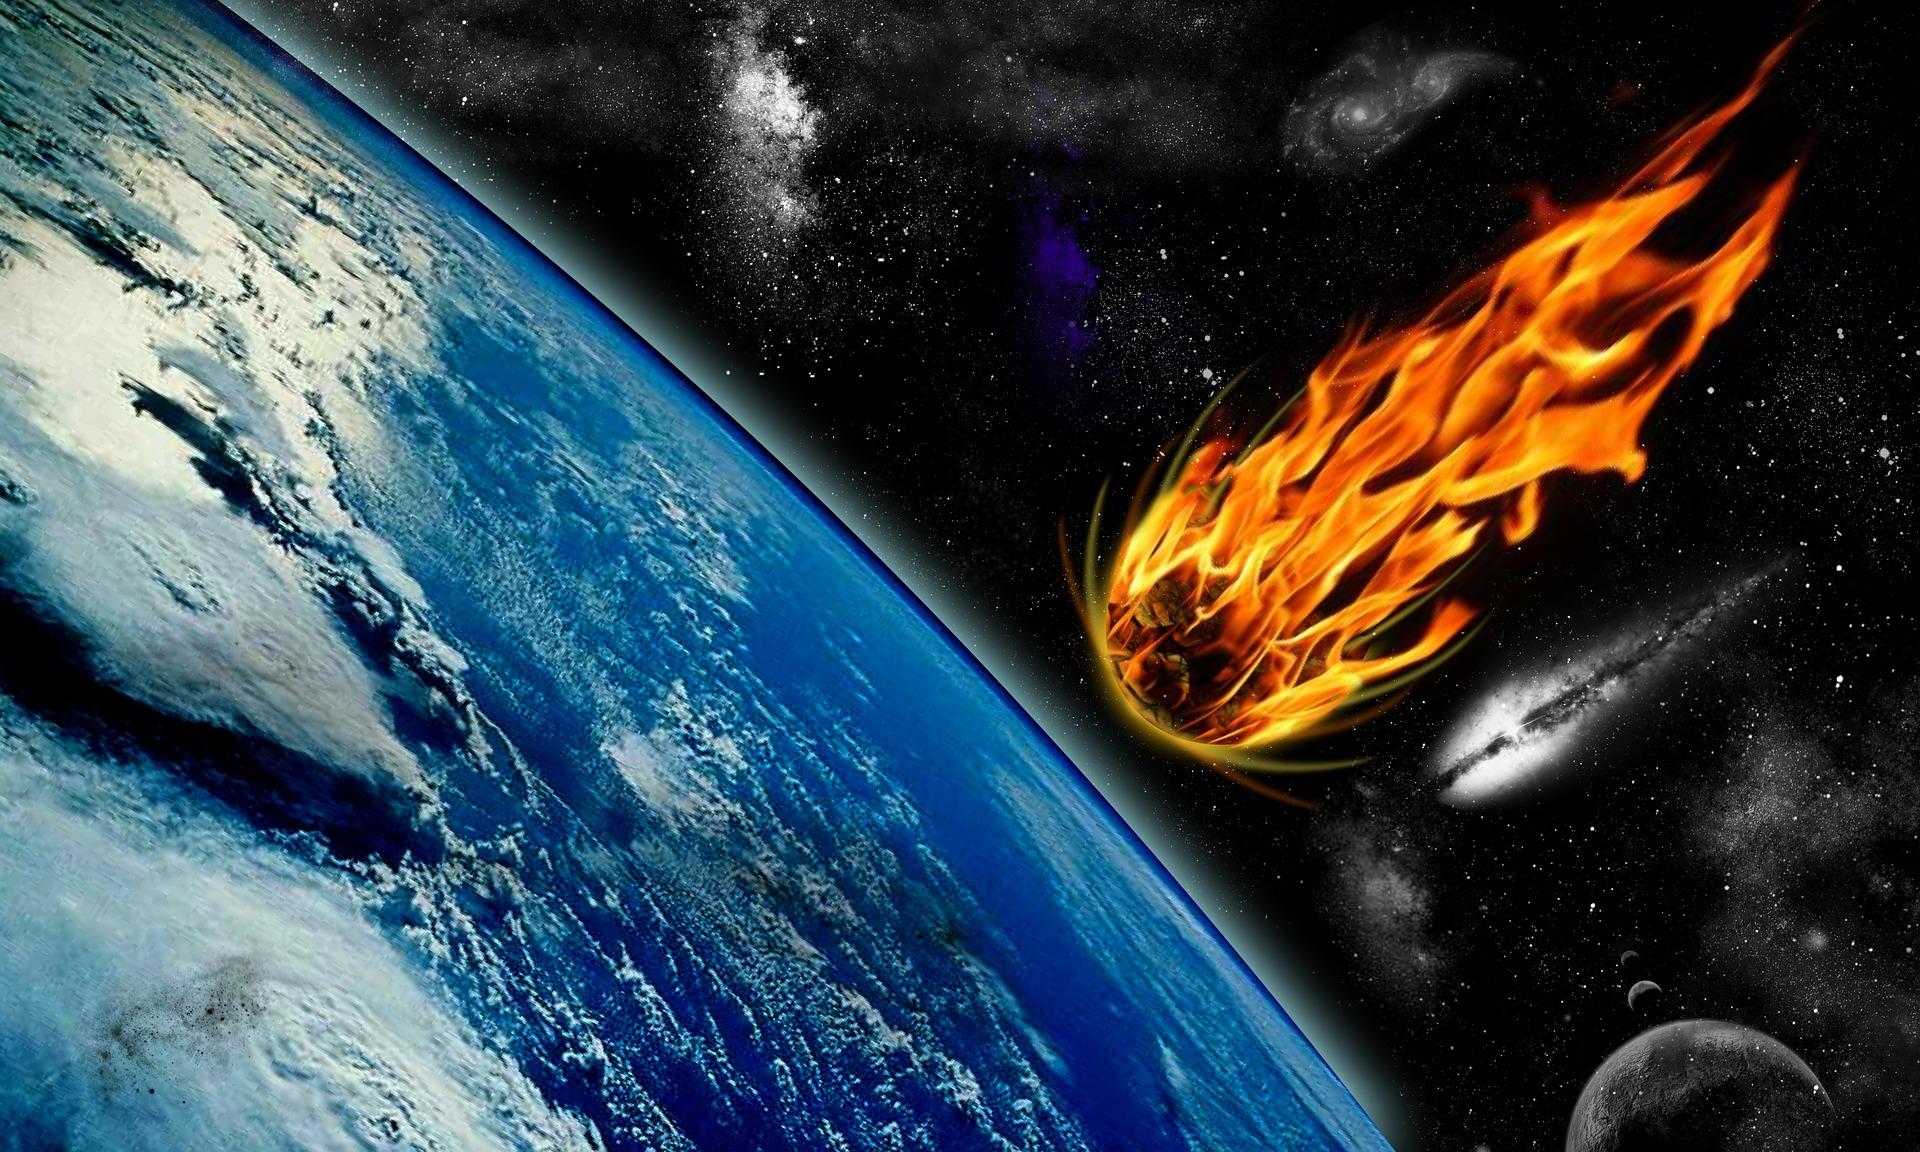 Ein Meteoroid trifft auf die Atmosphäre der Erde und glüht. Man nennt ihn jetzt Meteor.